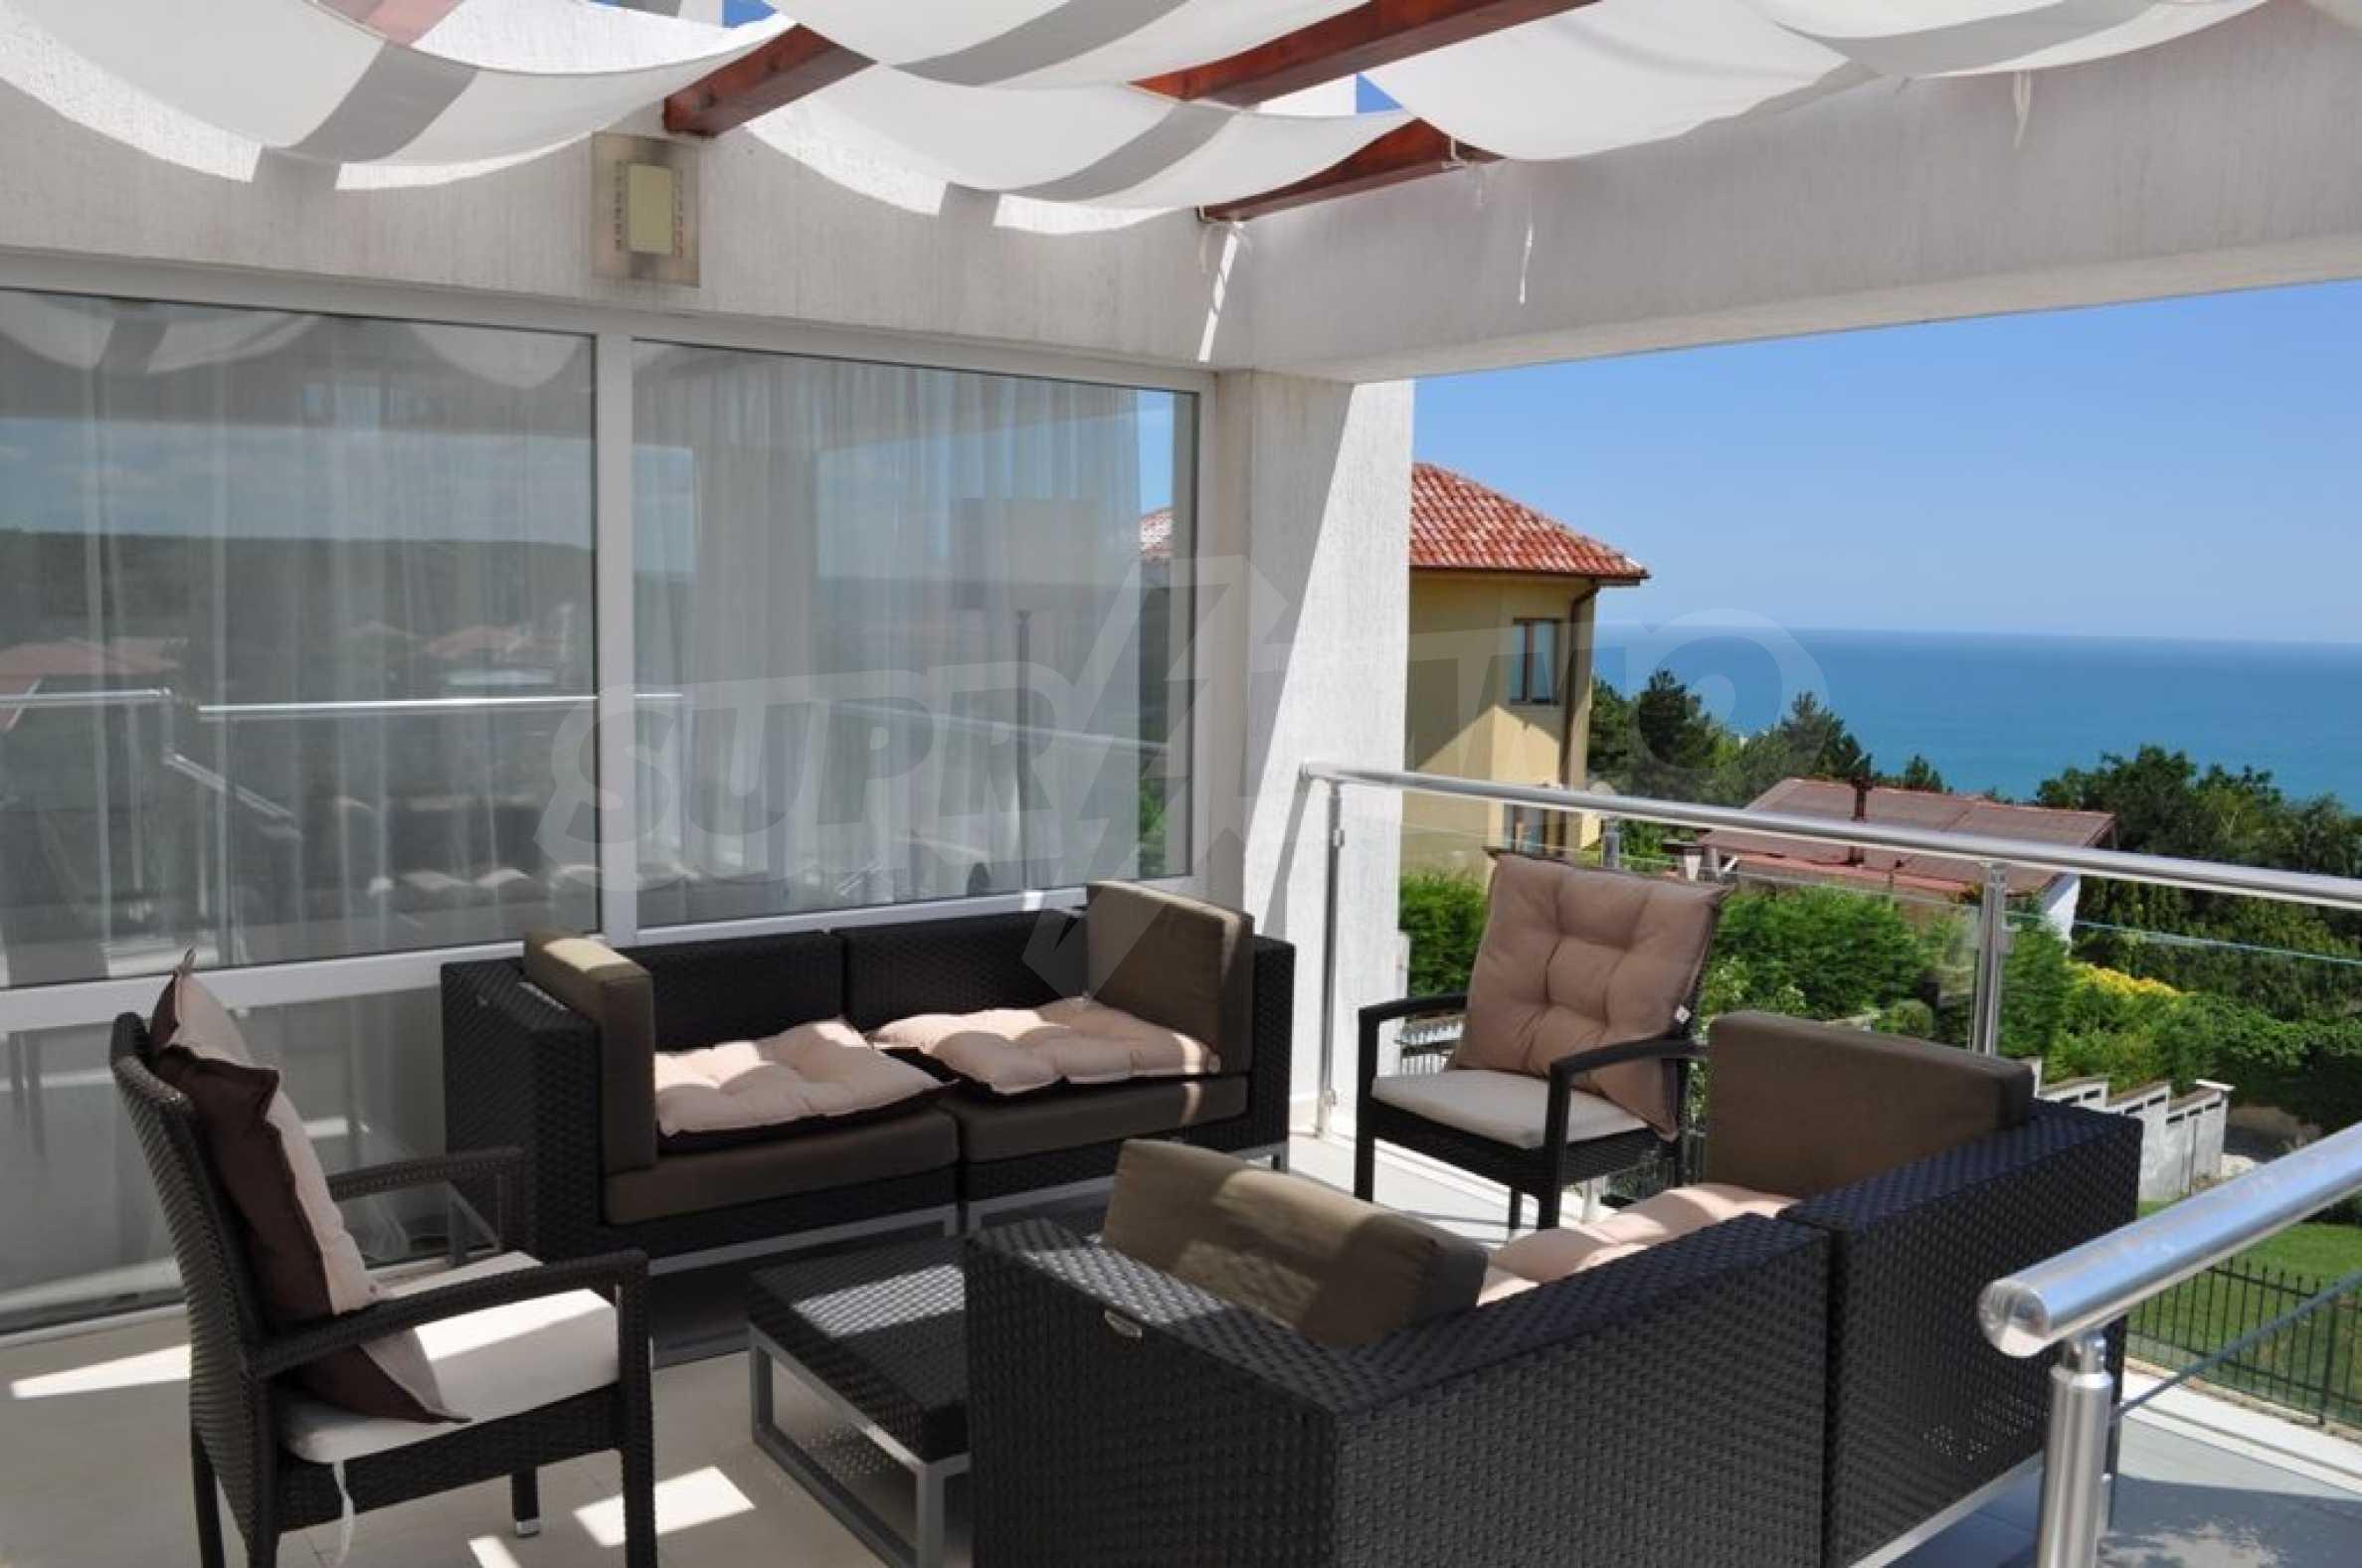 Luxusvilla mit 4 Schlafzimmern zu vermieten in der Nähe des Resorts. Albena 24